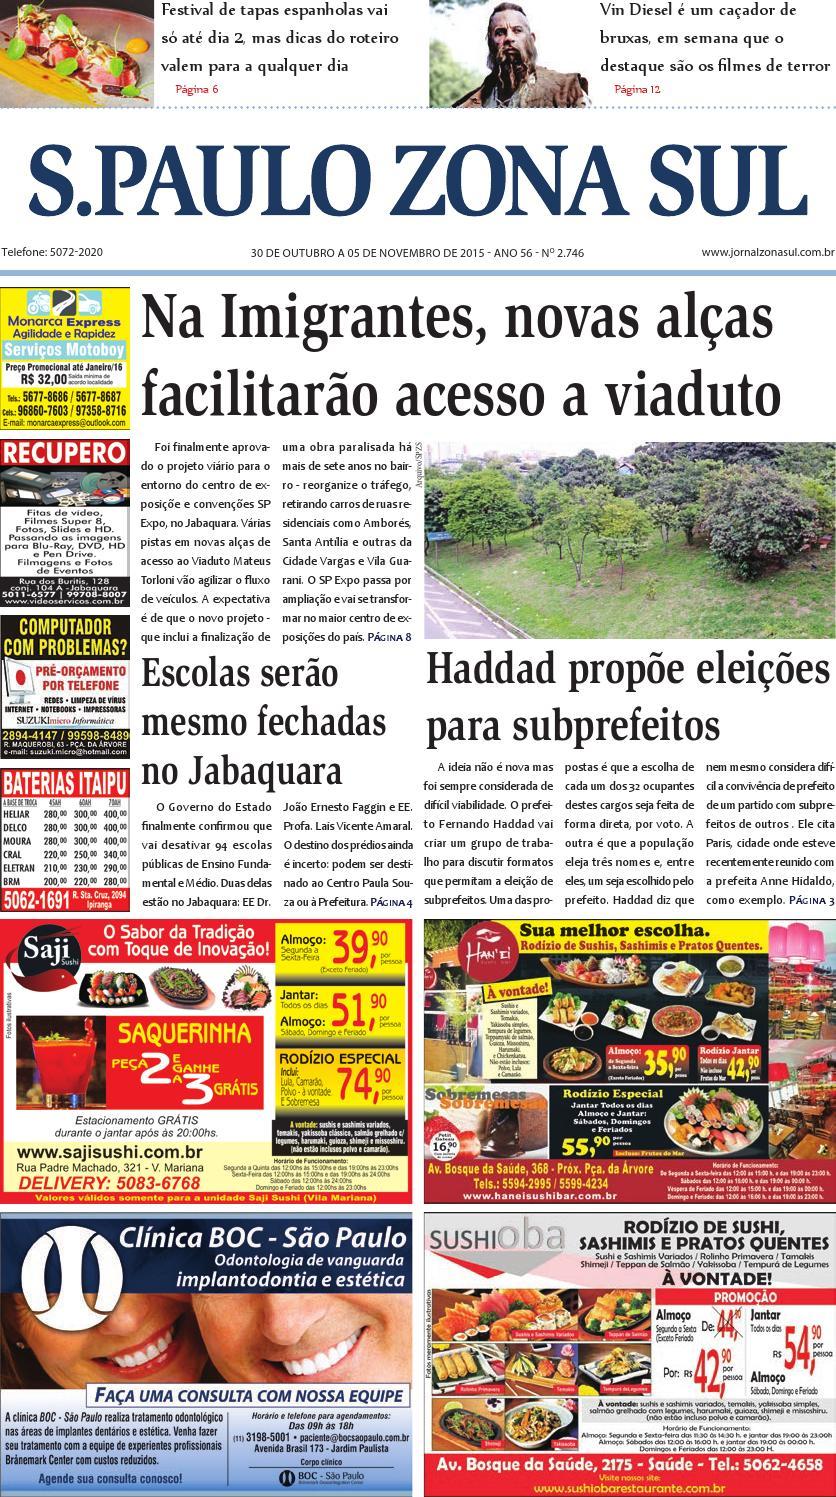 b22b086be9b 30 de outubro a 05 de novembro de 2015 - Jornal São Paulo Zona Sul by  Jornal Zona Sul - issuu